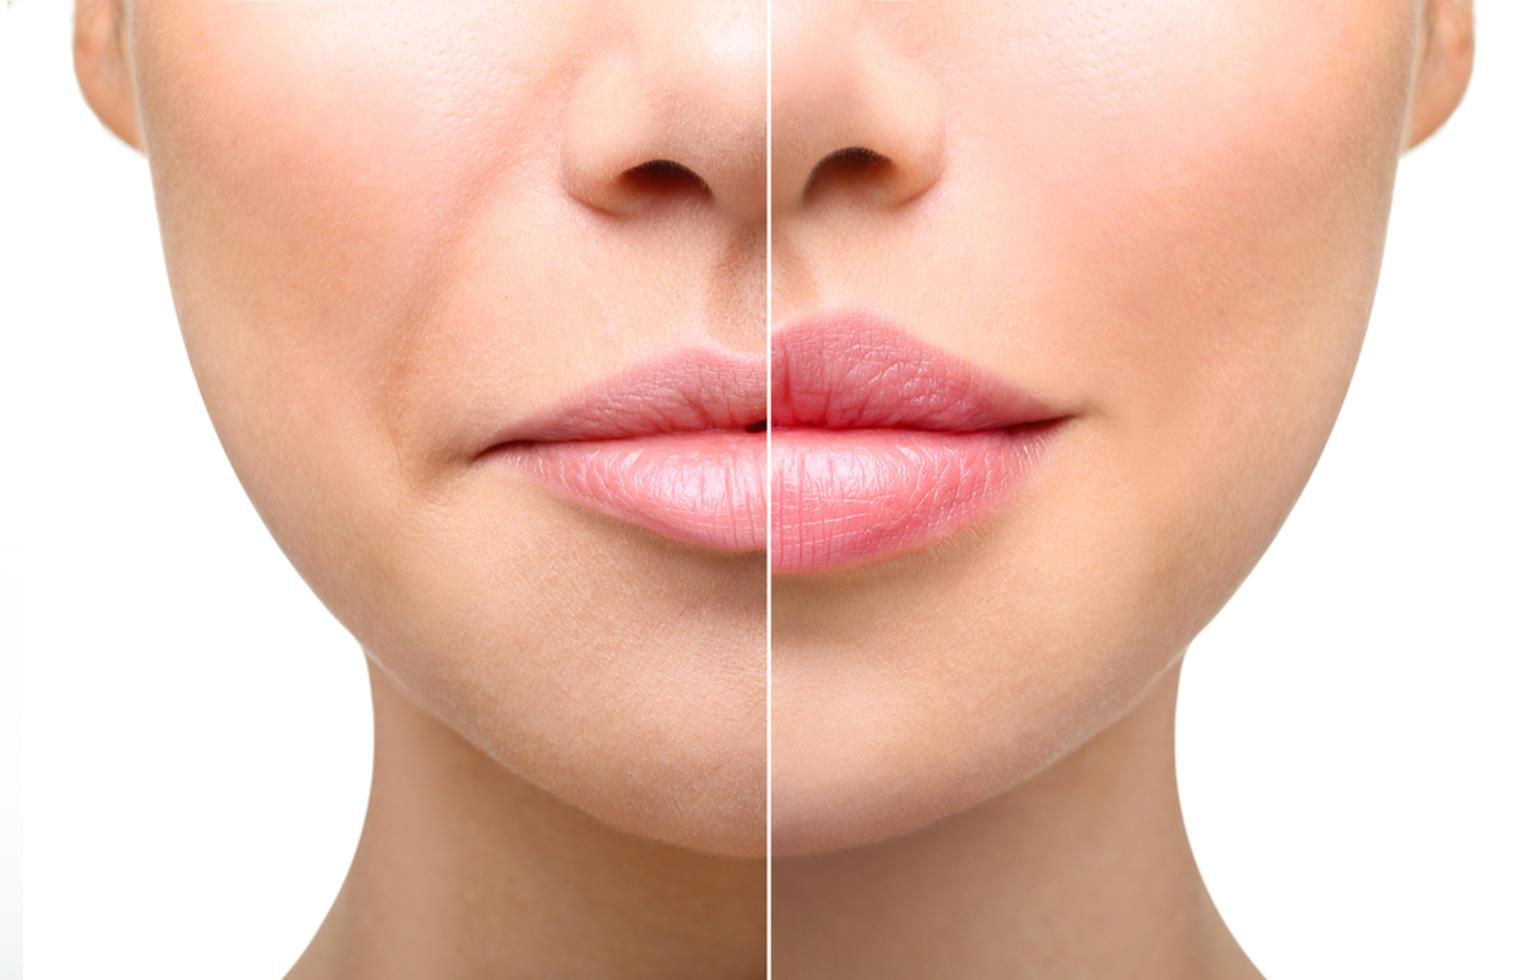 коррекции формы губ с большим эстетическим вкусом Coolaser Clinic